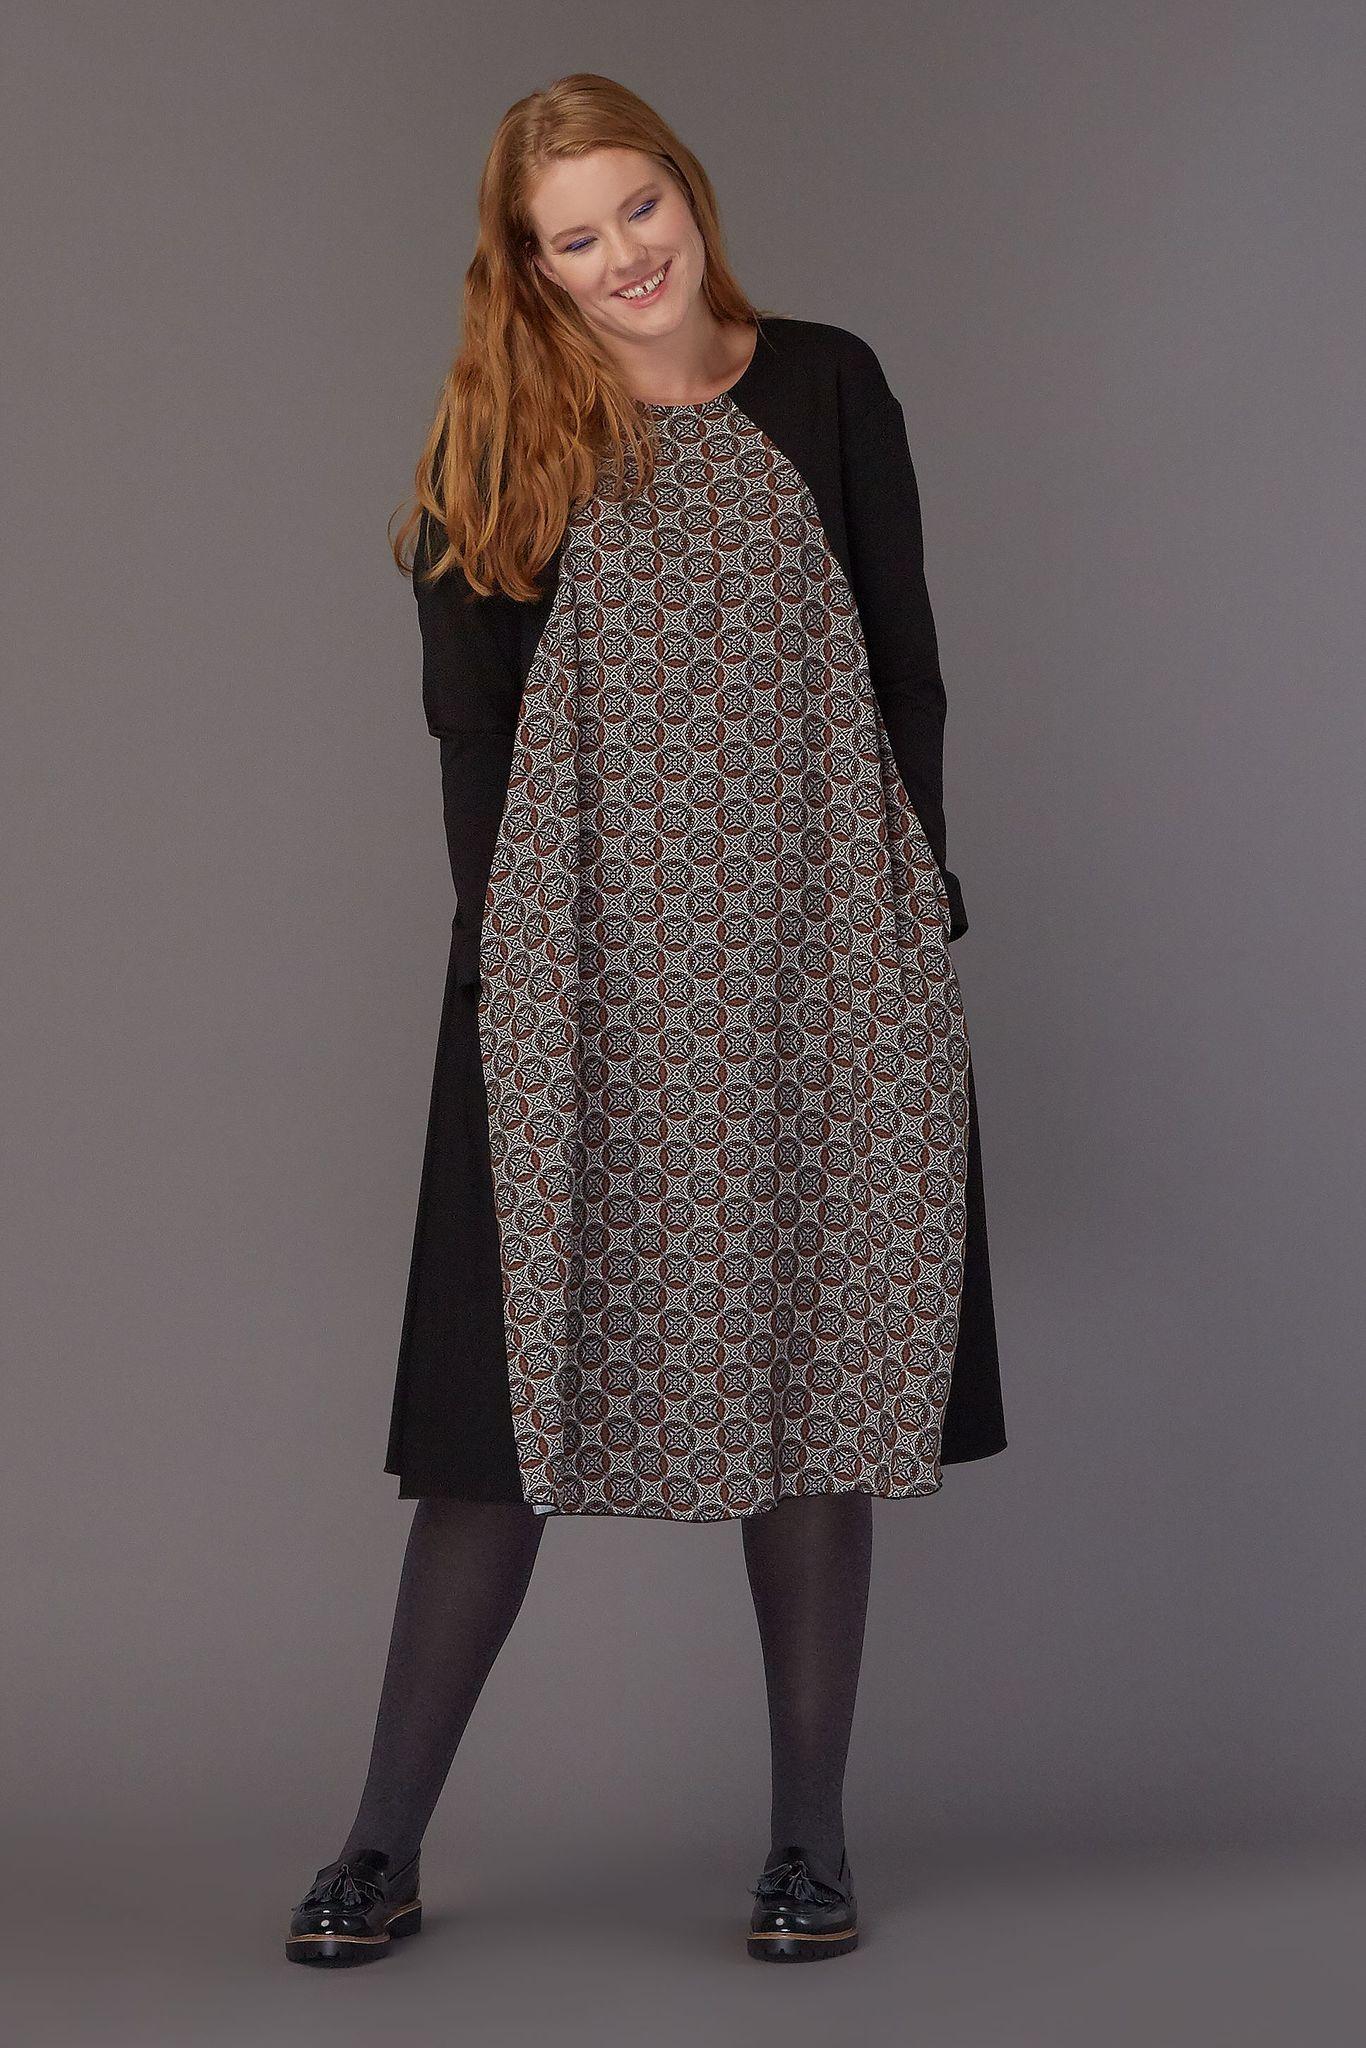 Платье с принтом LE-08 D07 01Платья<br>Трикотажное платье с геометричным контрастным принтом, А-силуэта, длиной чуть ниже колена и функциональными карманами в боковых швах. Летящее, яркое, с идеальной посадкой, подходящее для любого типа фигуры. Рост модели на фото 179 см, размер - 52 российский.<br>